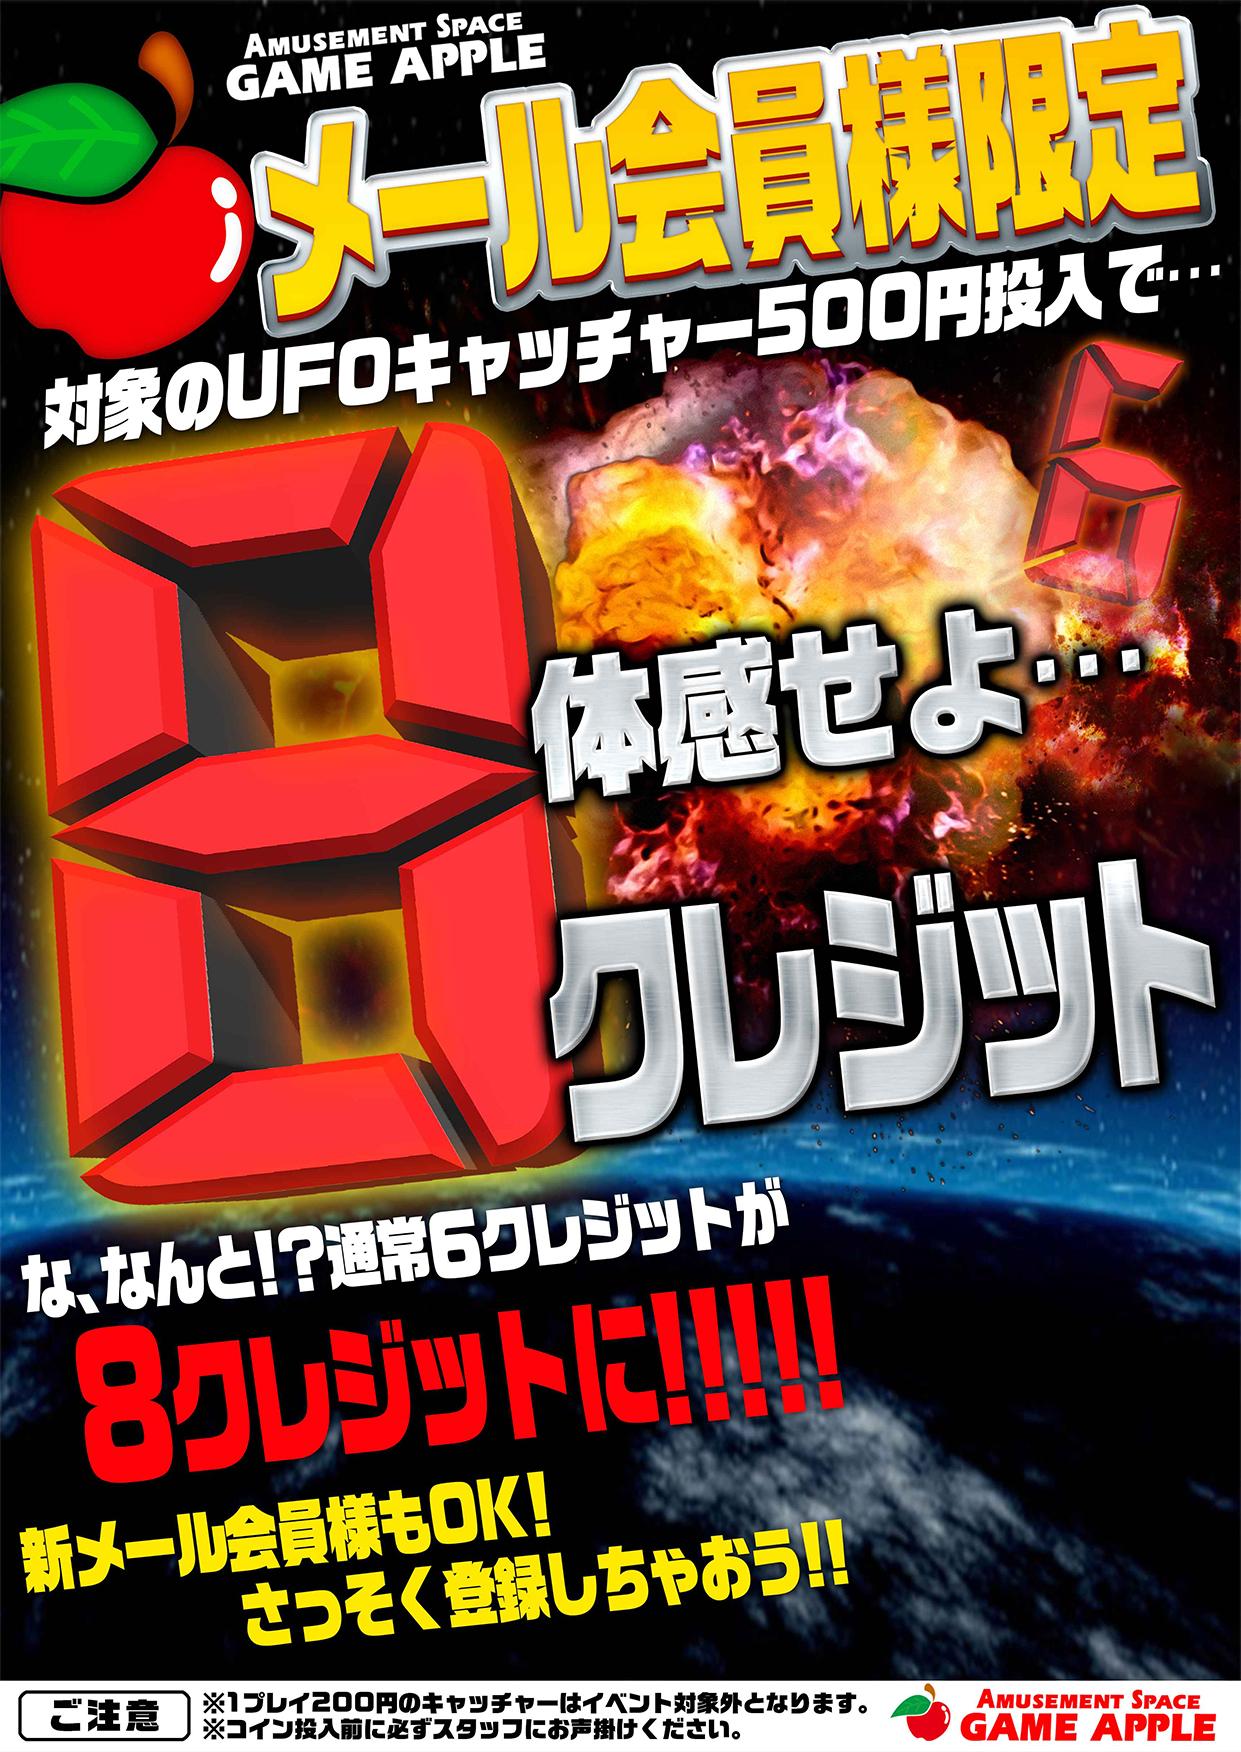 アップル イベントポスター2